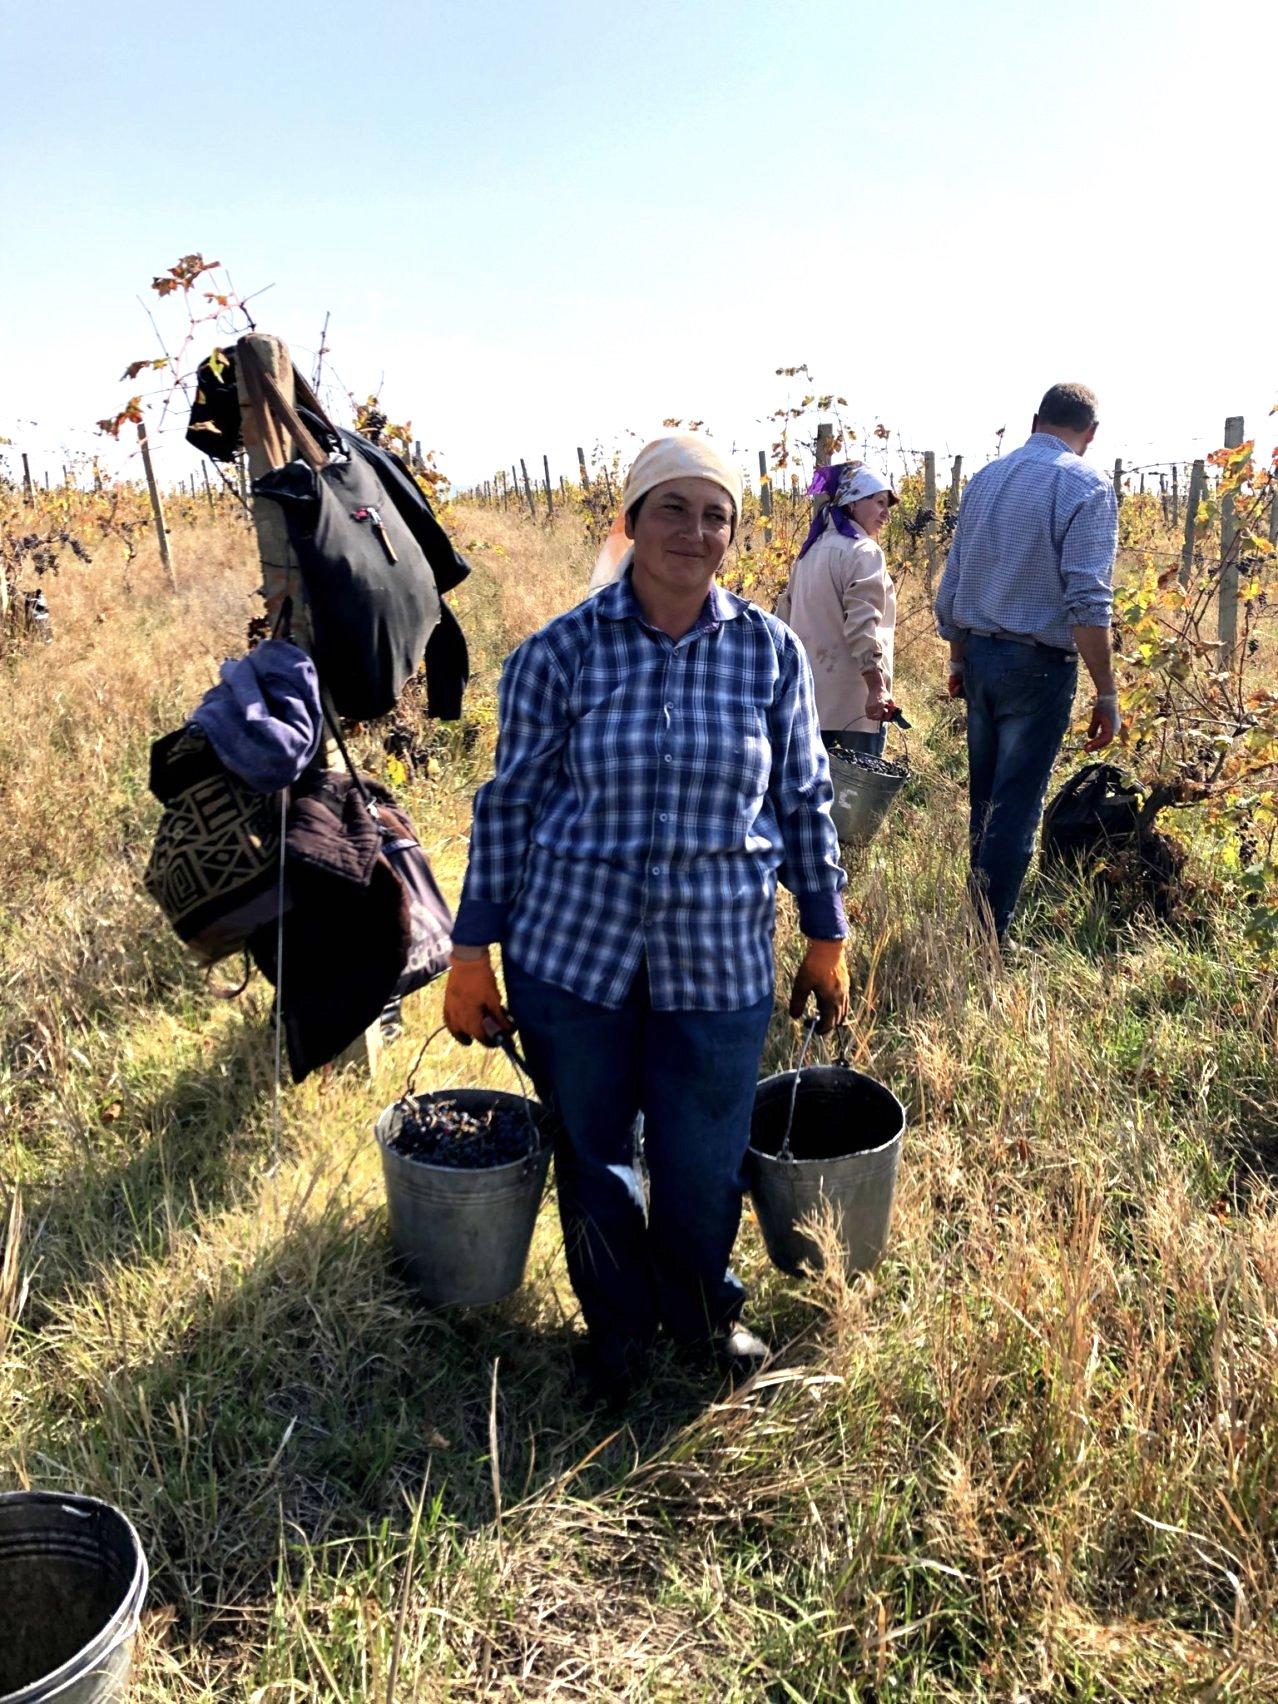 Harvesting Grapes in Ivanovka village, Azerbaijan